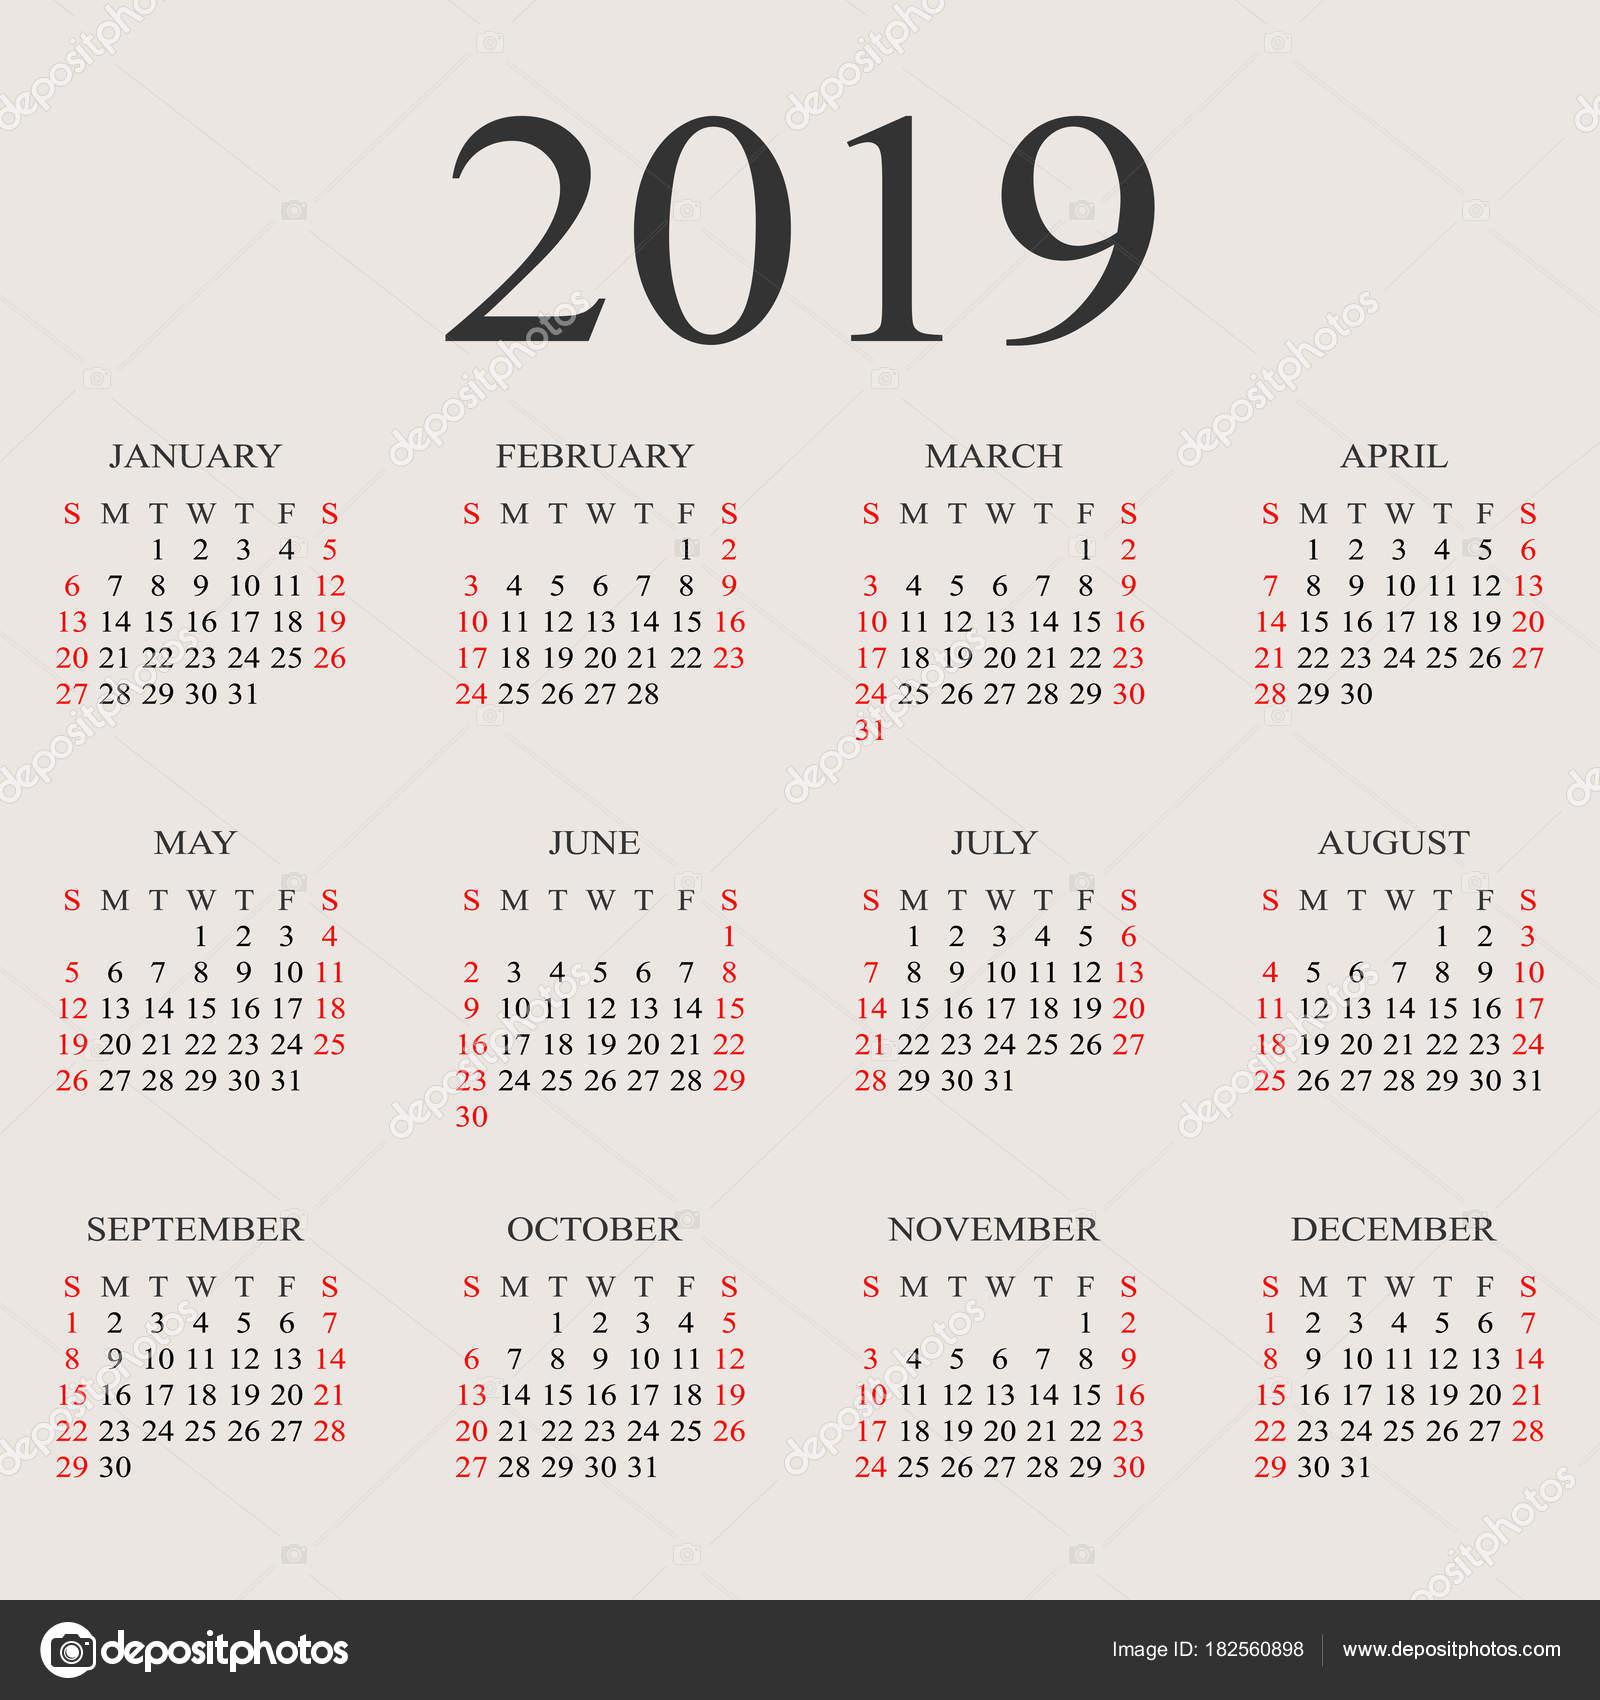 u65e5 u5386 2019  u5e74 u77e2 u91cf u8bbe u8ba1 u6a21 u677f  u56fe u5e93 u77e2 u91cf u56fe u50cf u00a9 forden 182560898 calendar vector png vector calendar month